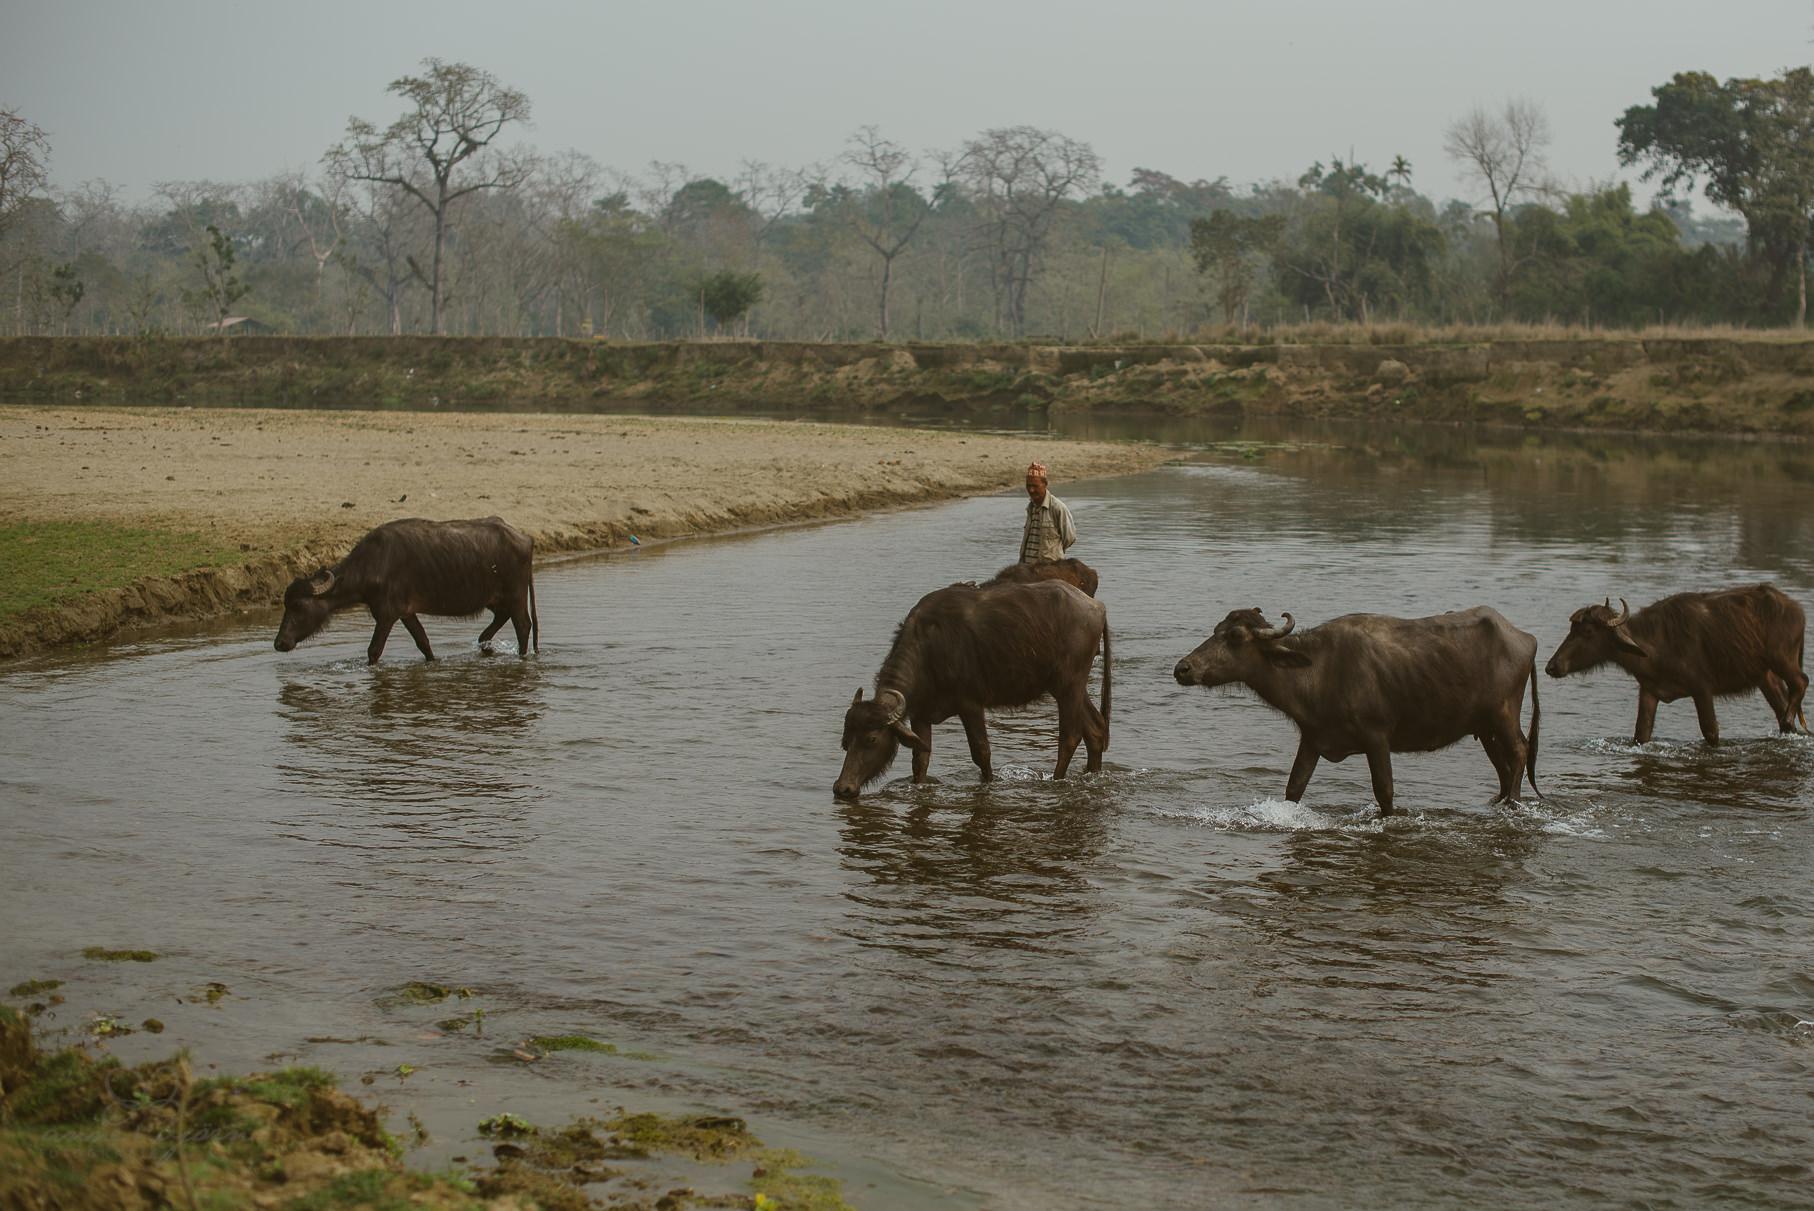 0057 anne und bjoern chitwan nationalpark nepal d75 5133 2 - Nepal Teil 3 - Roadtrip, Chitwan Nationalpark und eine spontane Hochzeit